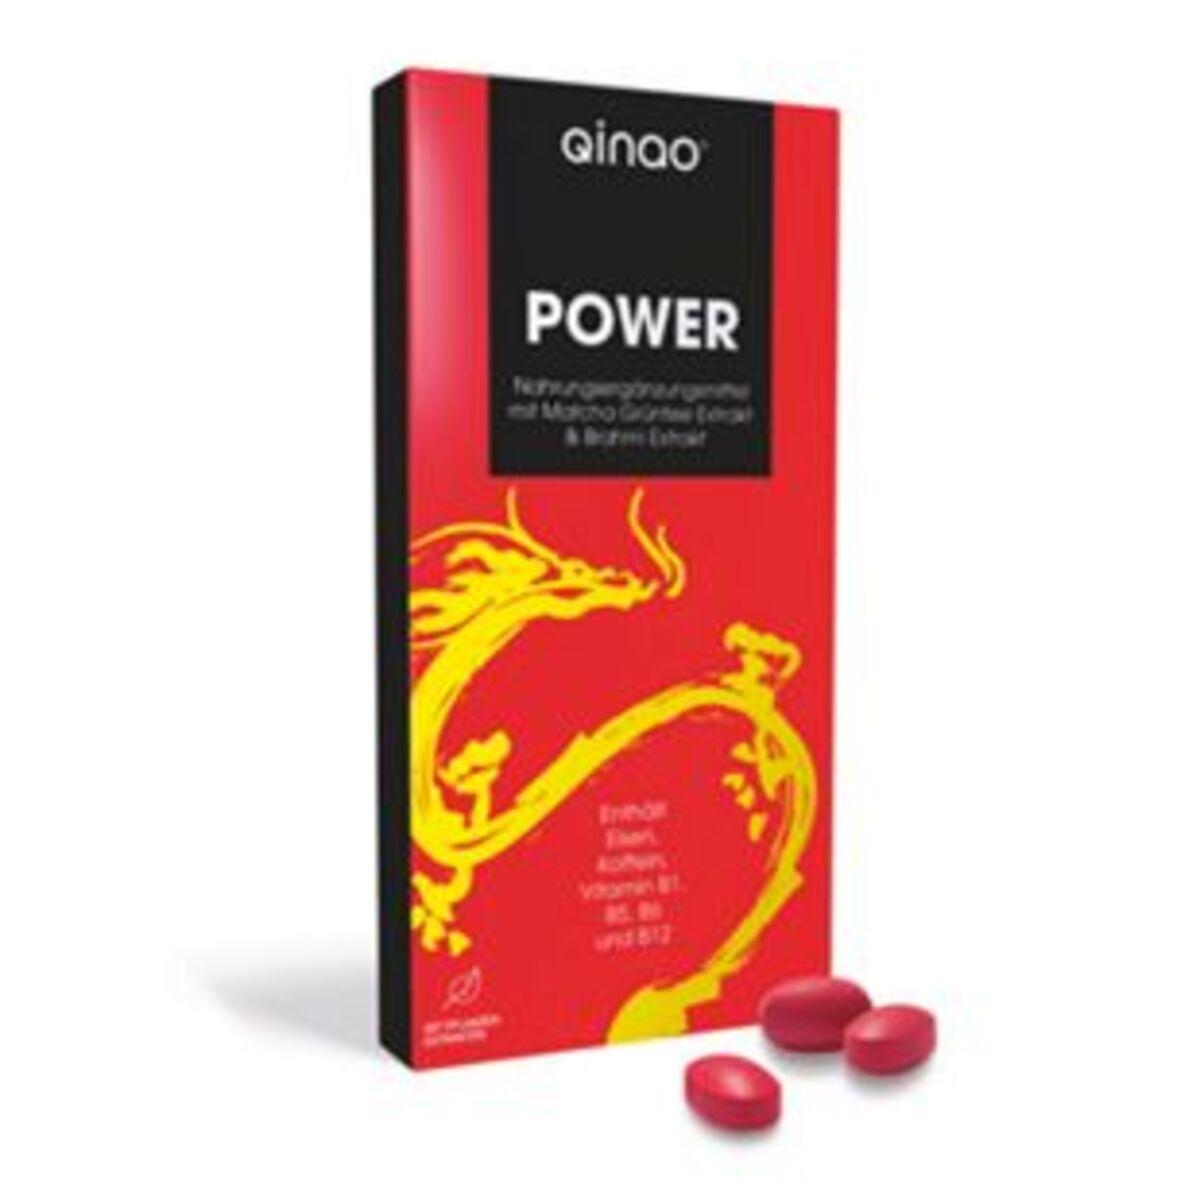 Bild 2 von qinao Nahrungsergänzungsmittel mit Koffein